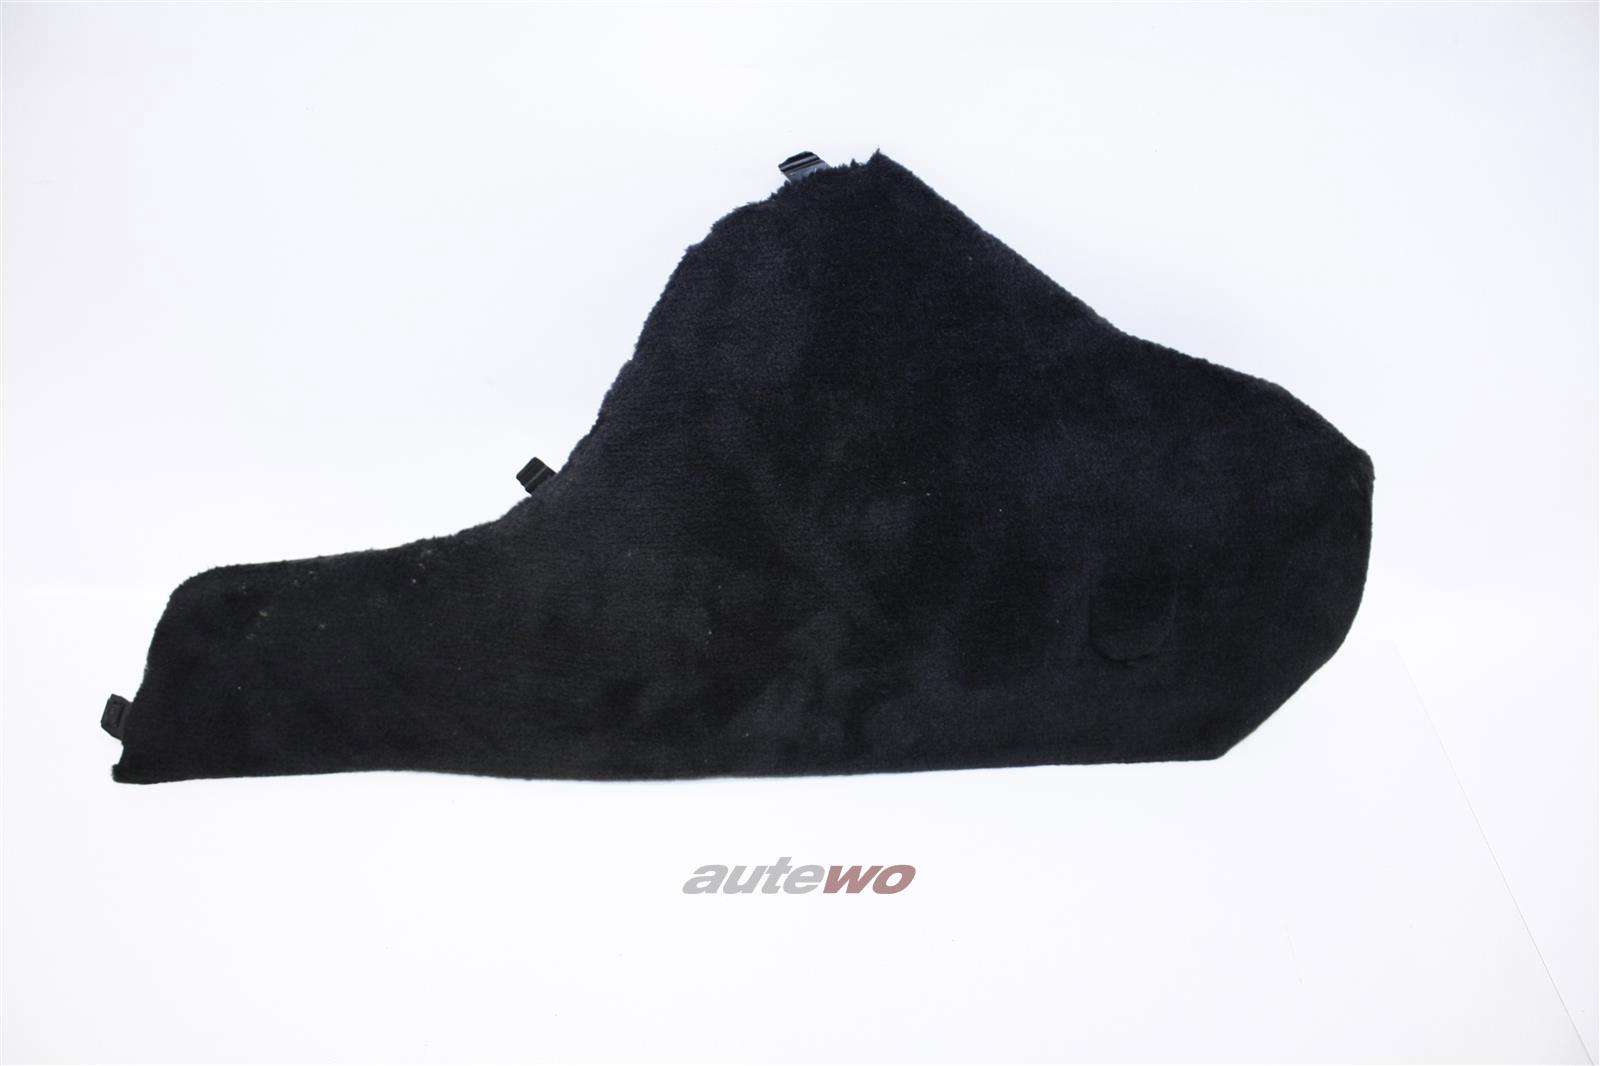 Audi 100/200 Typ 44 Seitenverkleidung Mittelkonsole Rechts schwarz 443863306C